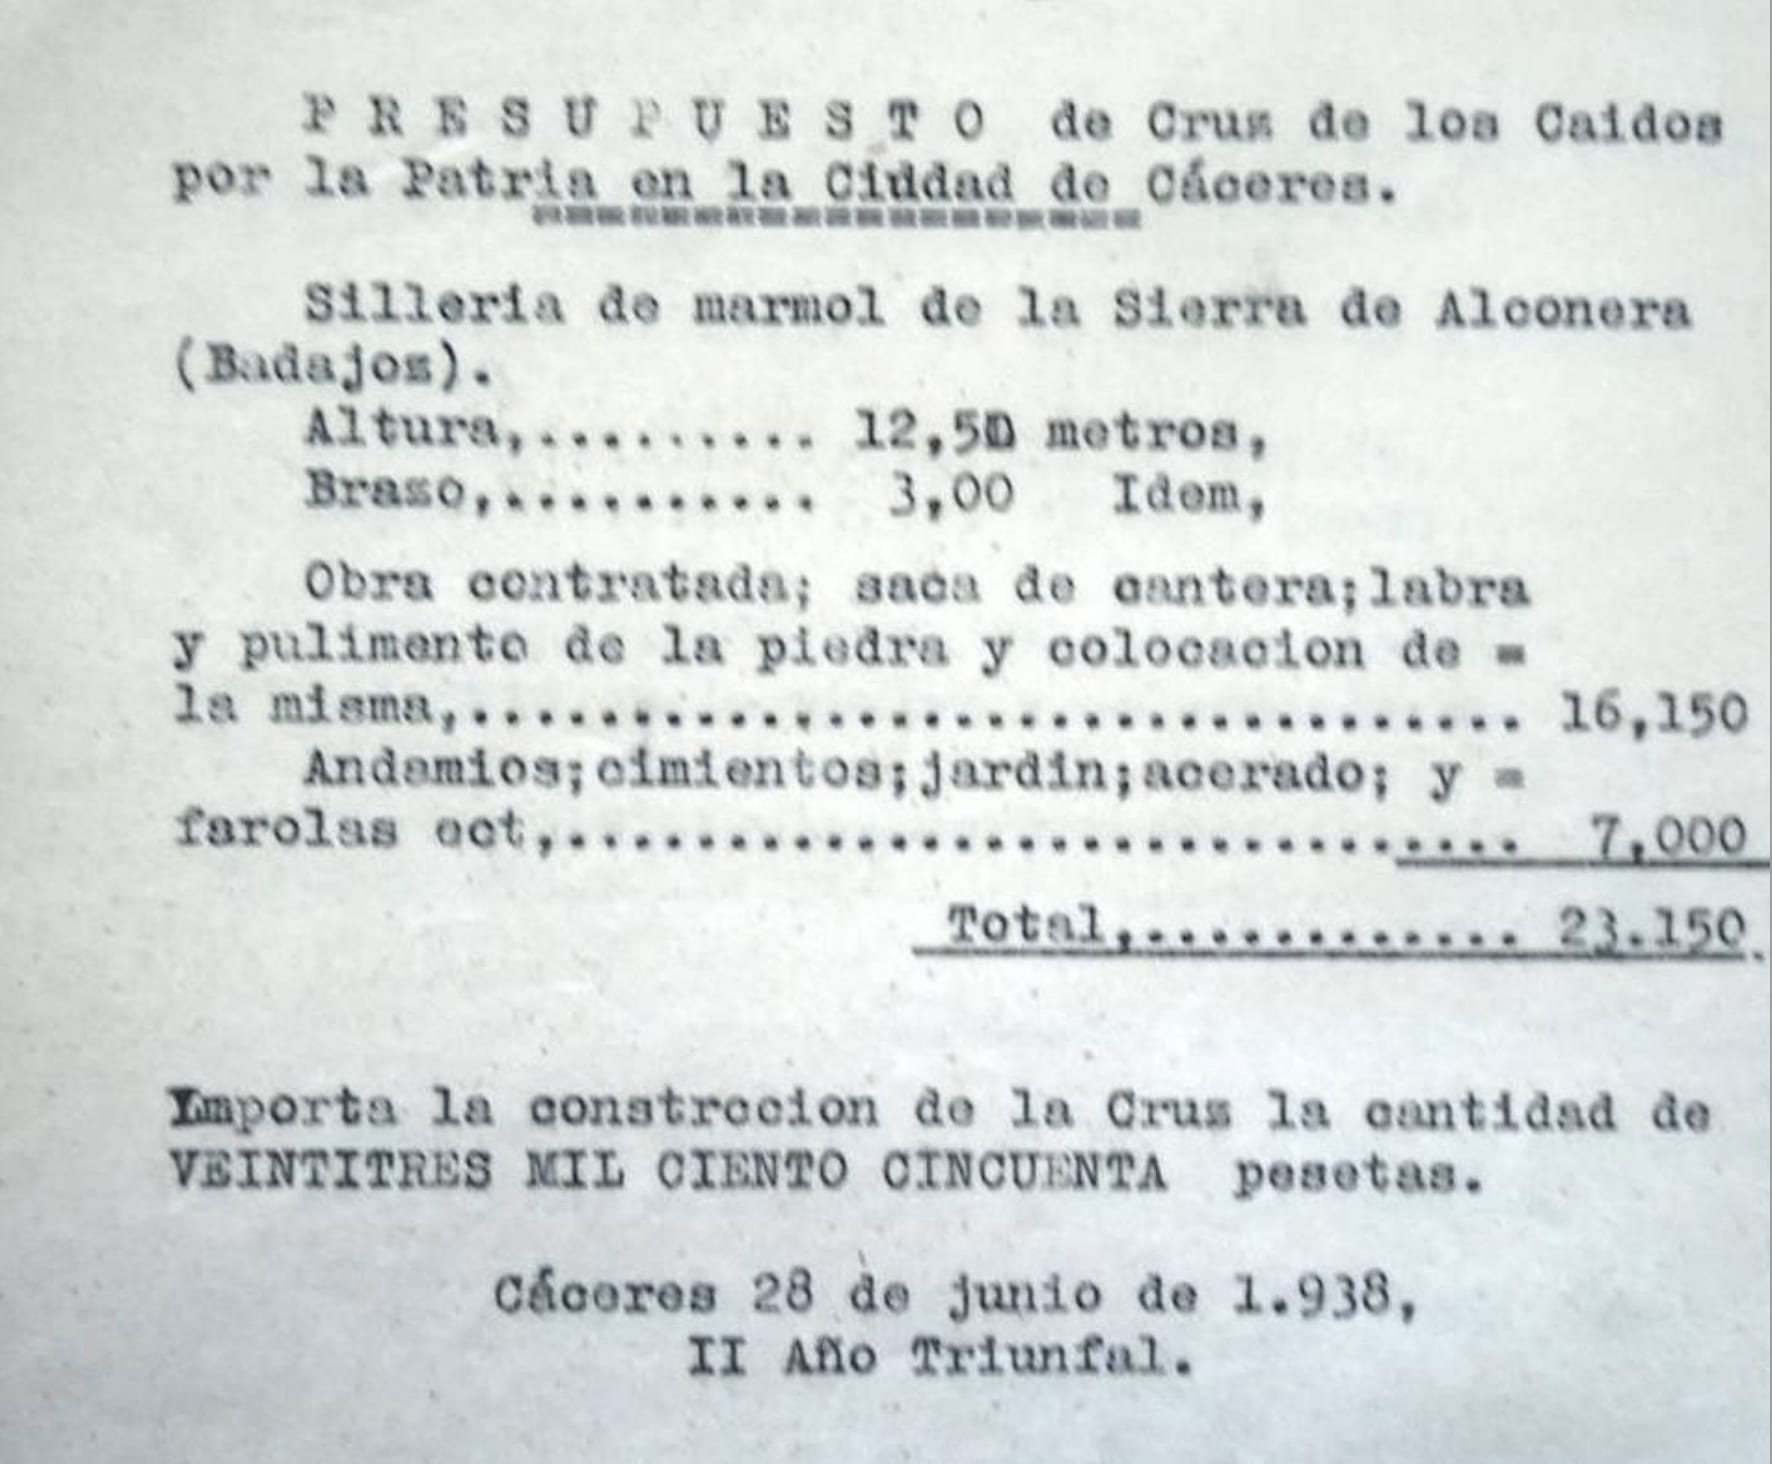 1937 - Presupuesto de marmol